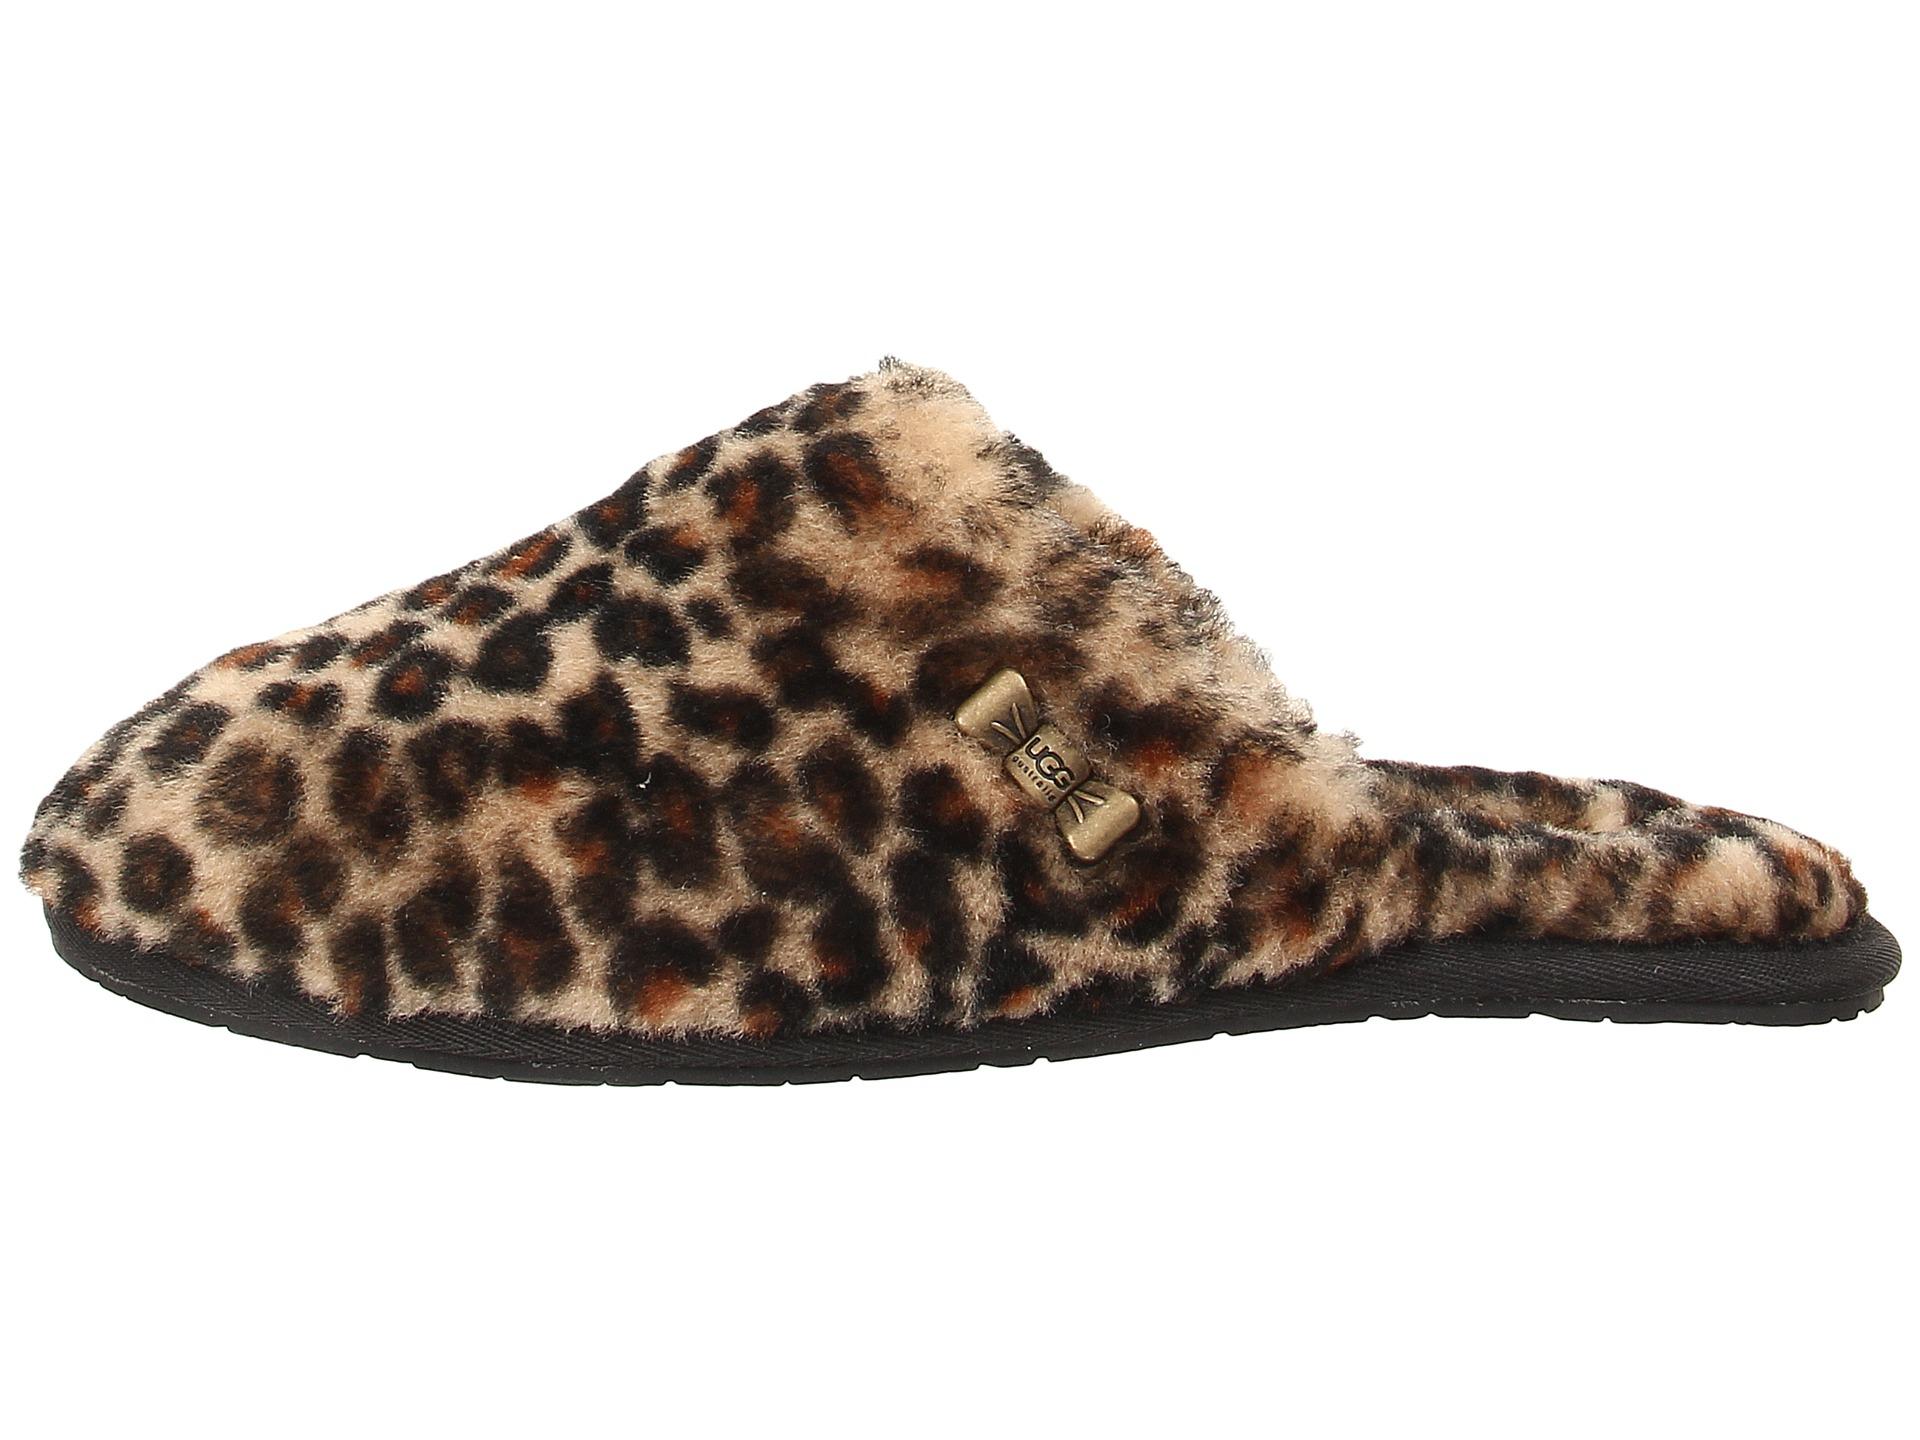 b8da0b51cdc4 Brown Leopard Uggs